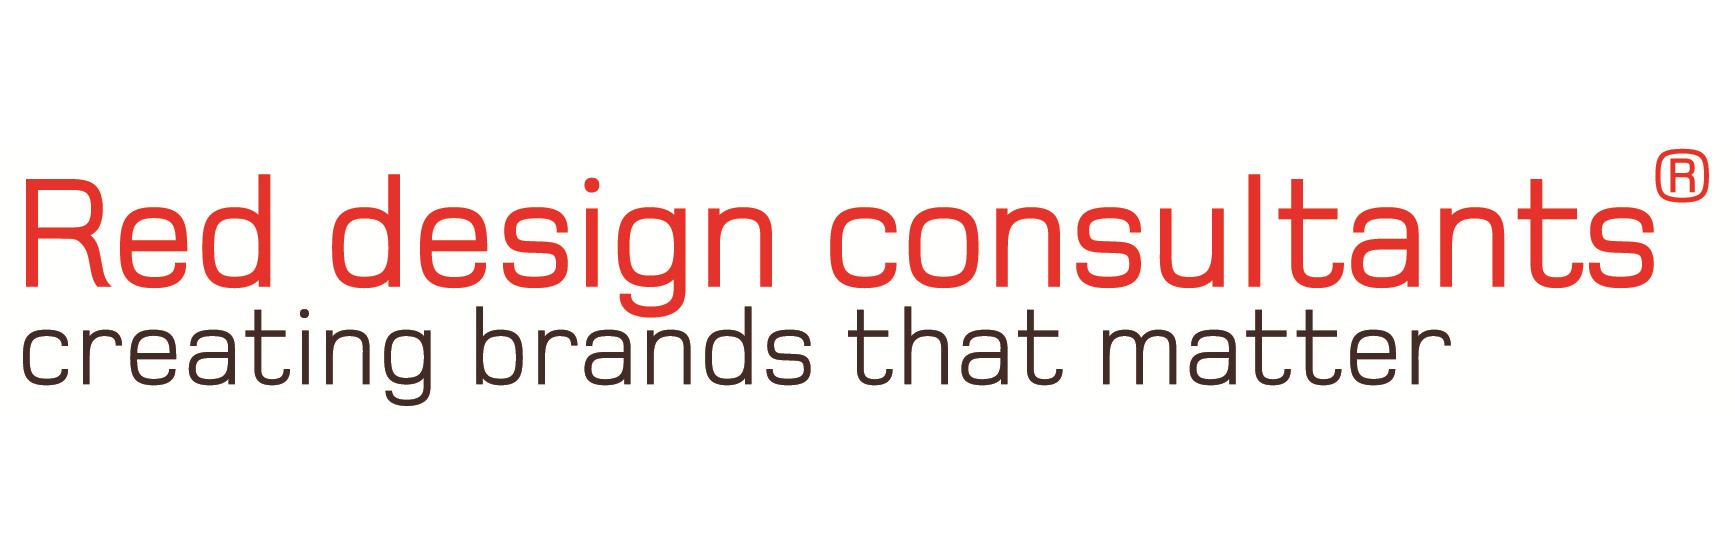 Red design consultants